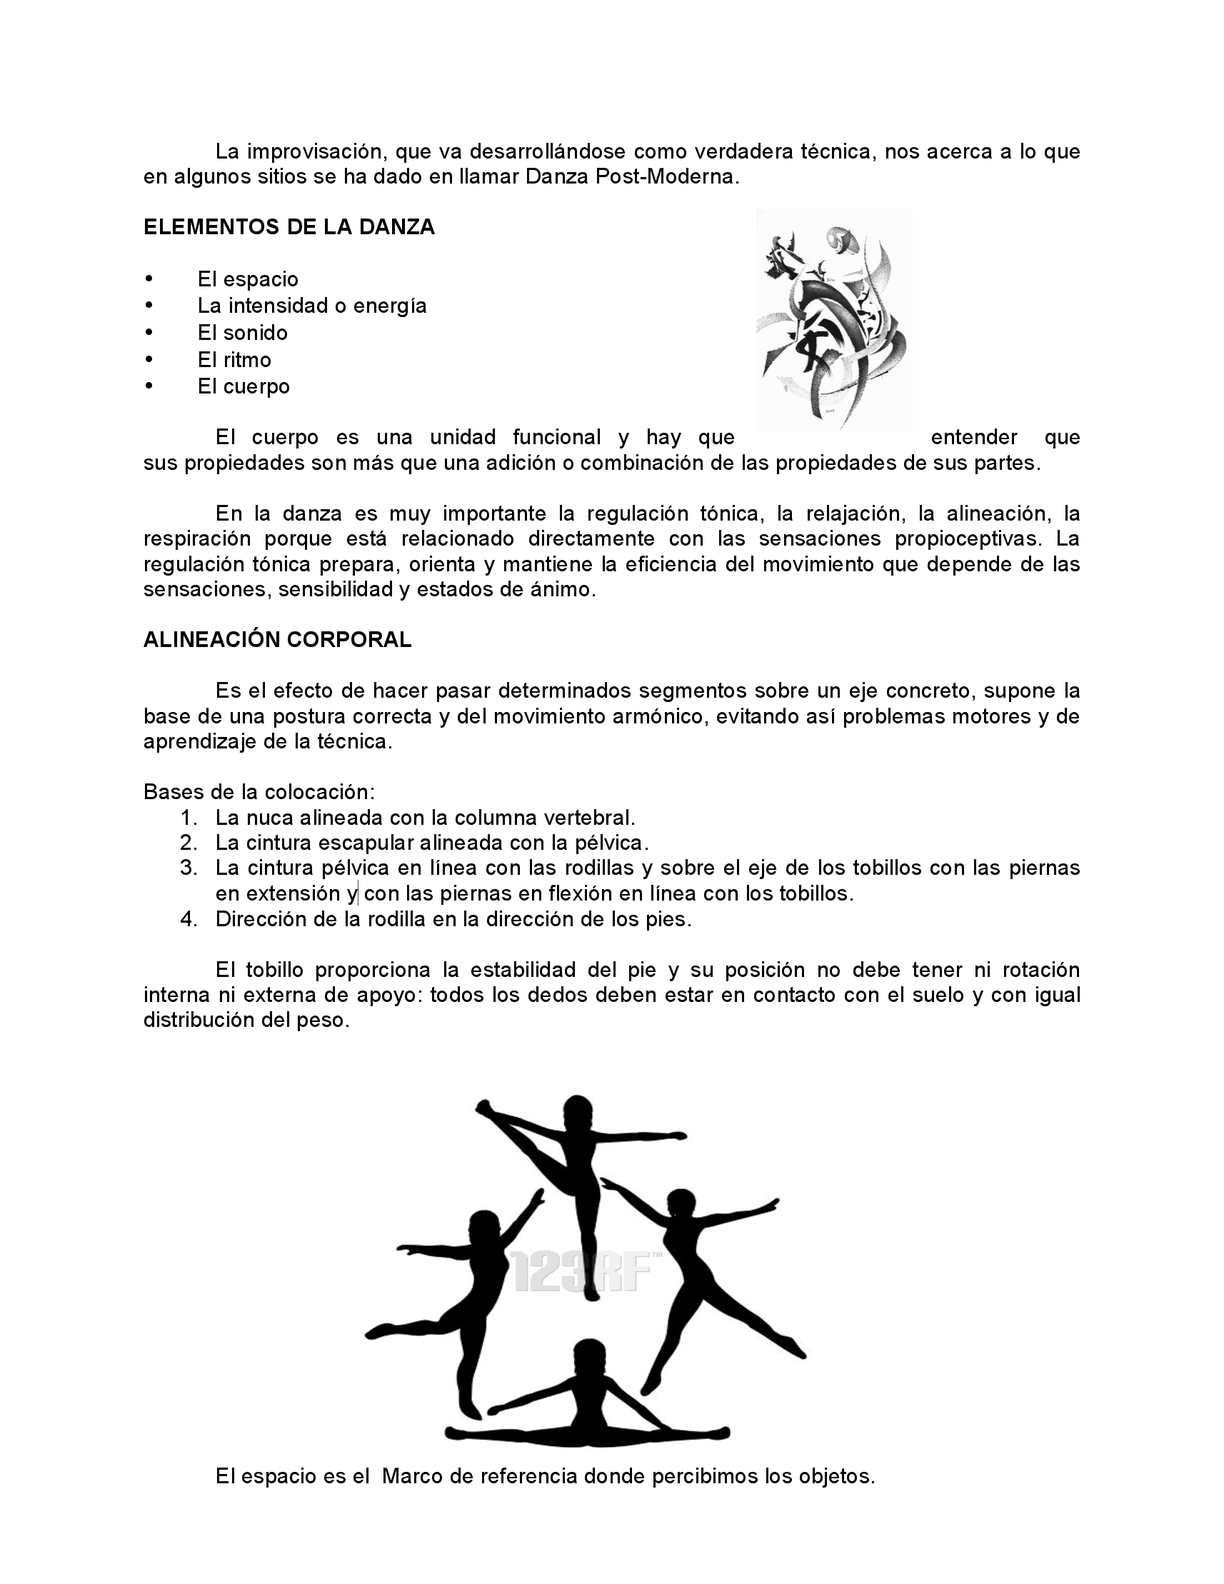 Encantador Marco De Aprendizaje Motor De Referencia Galería - Ideas ...